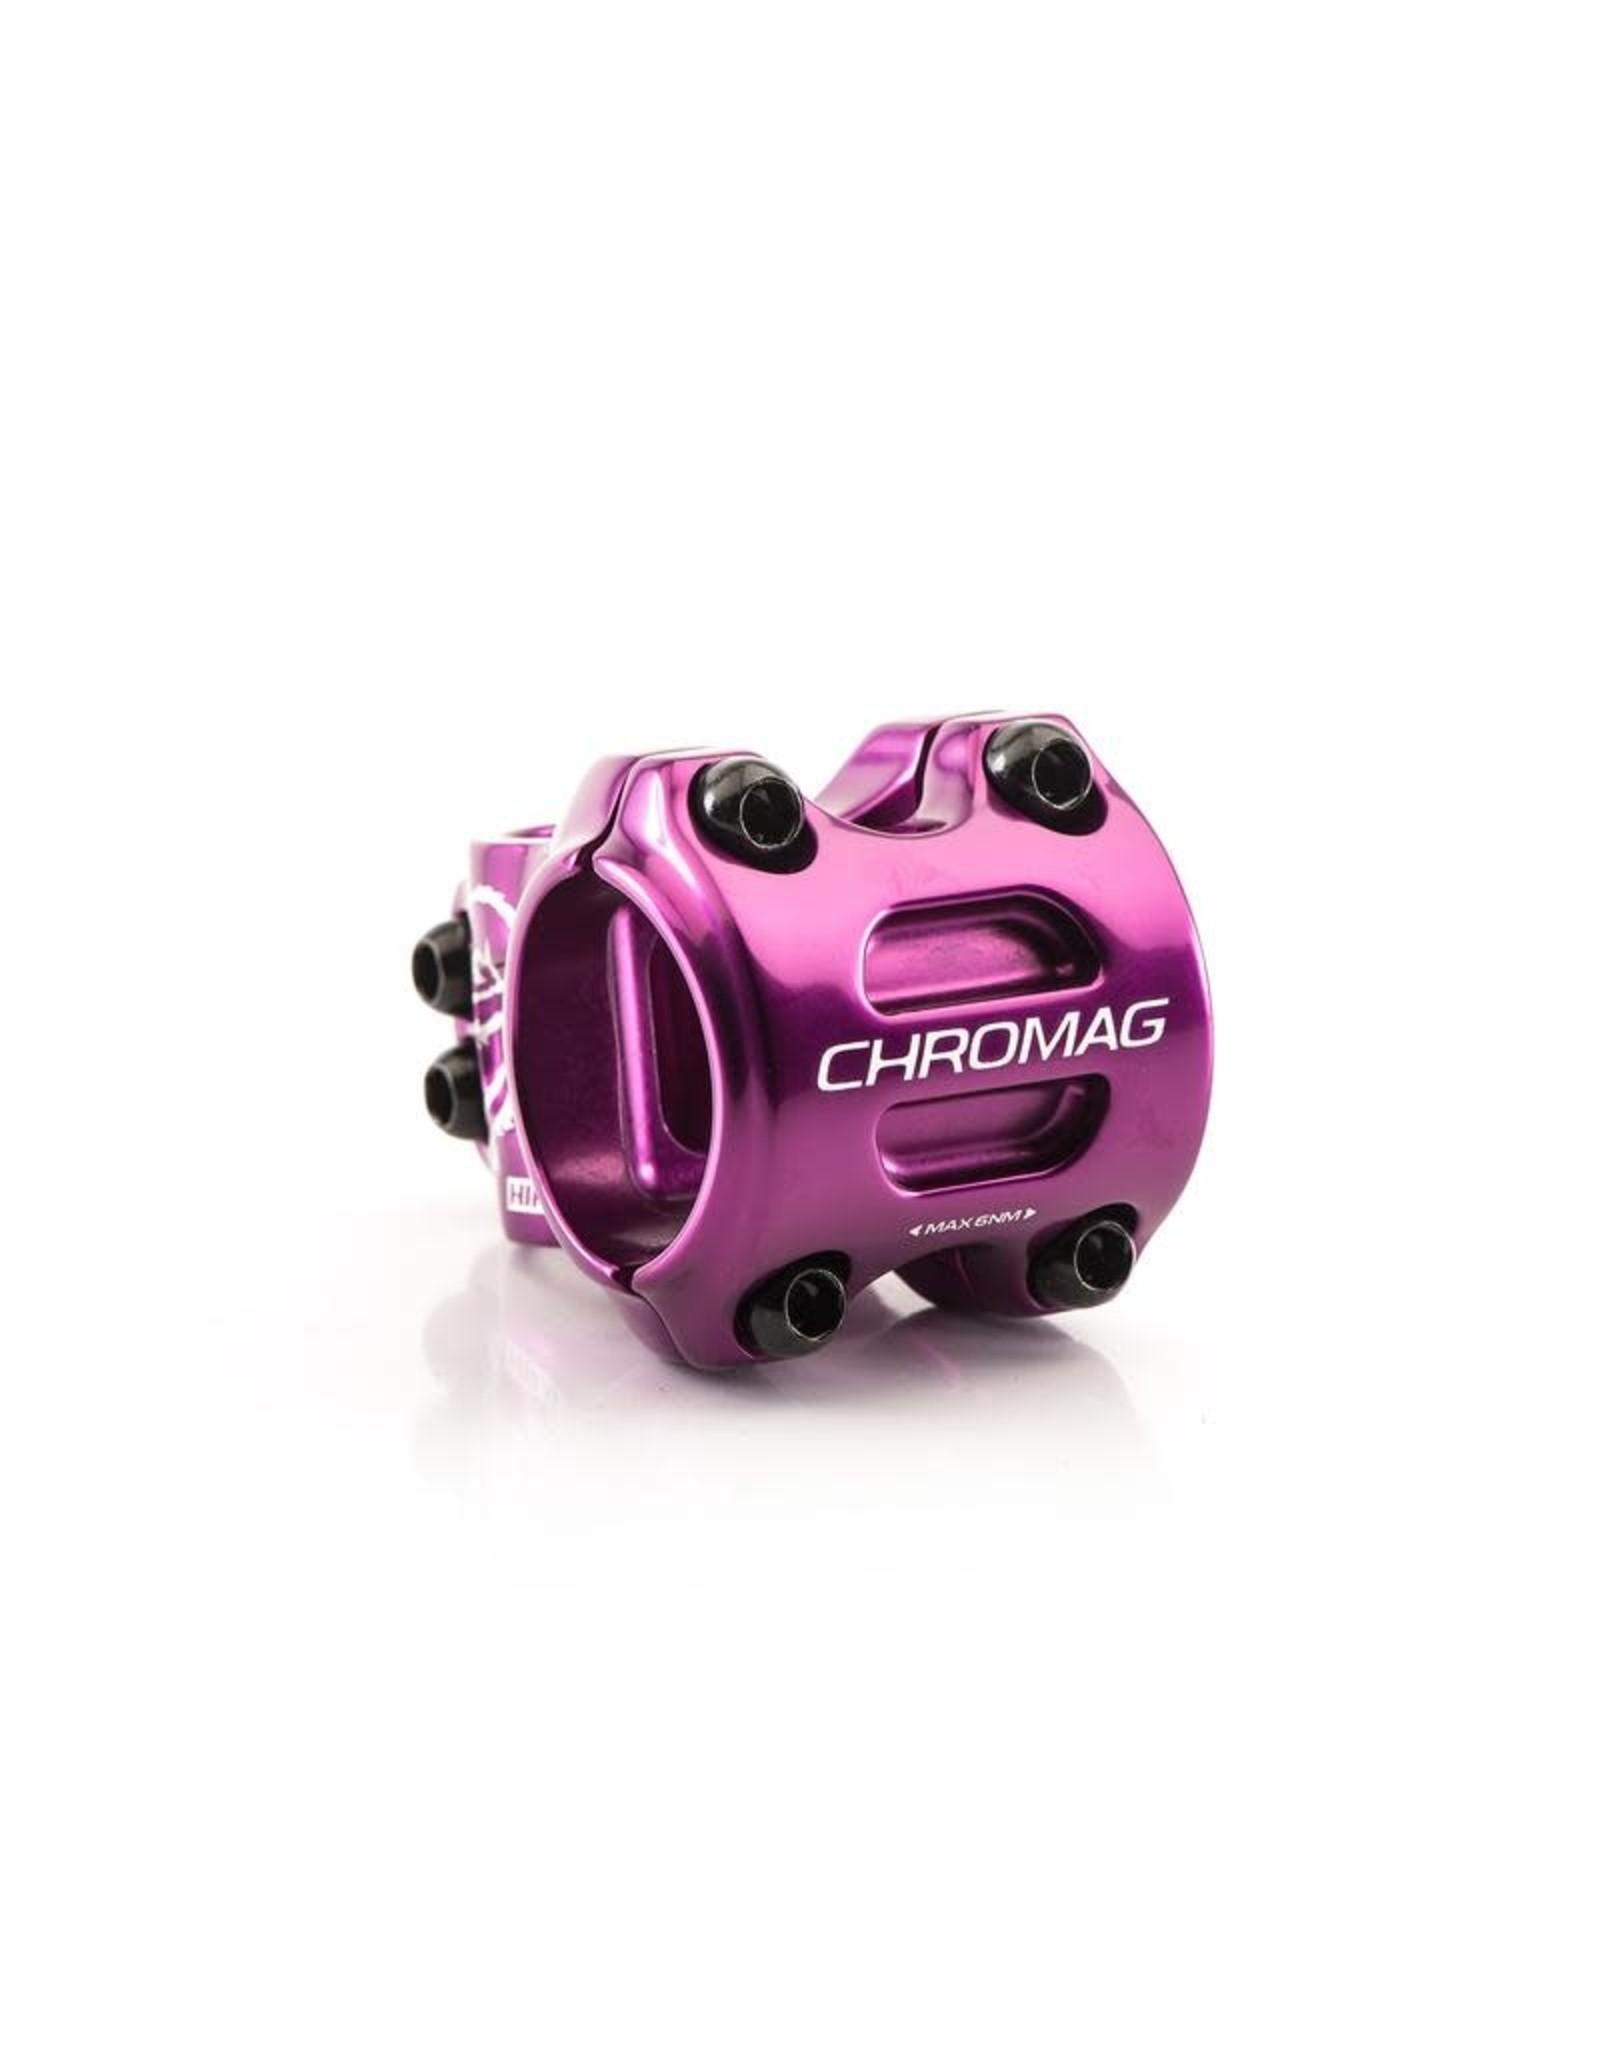 Chromag Potence Chromag Hifi V2 35